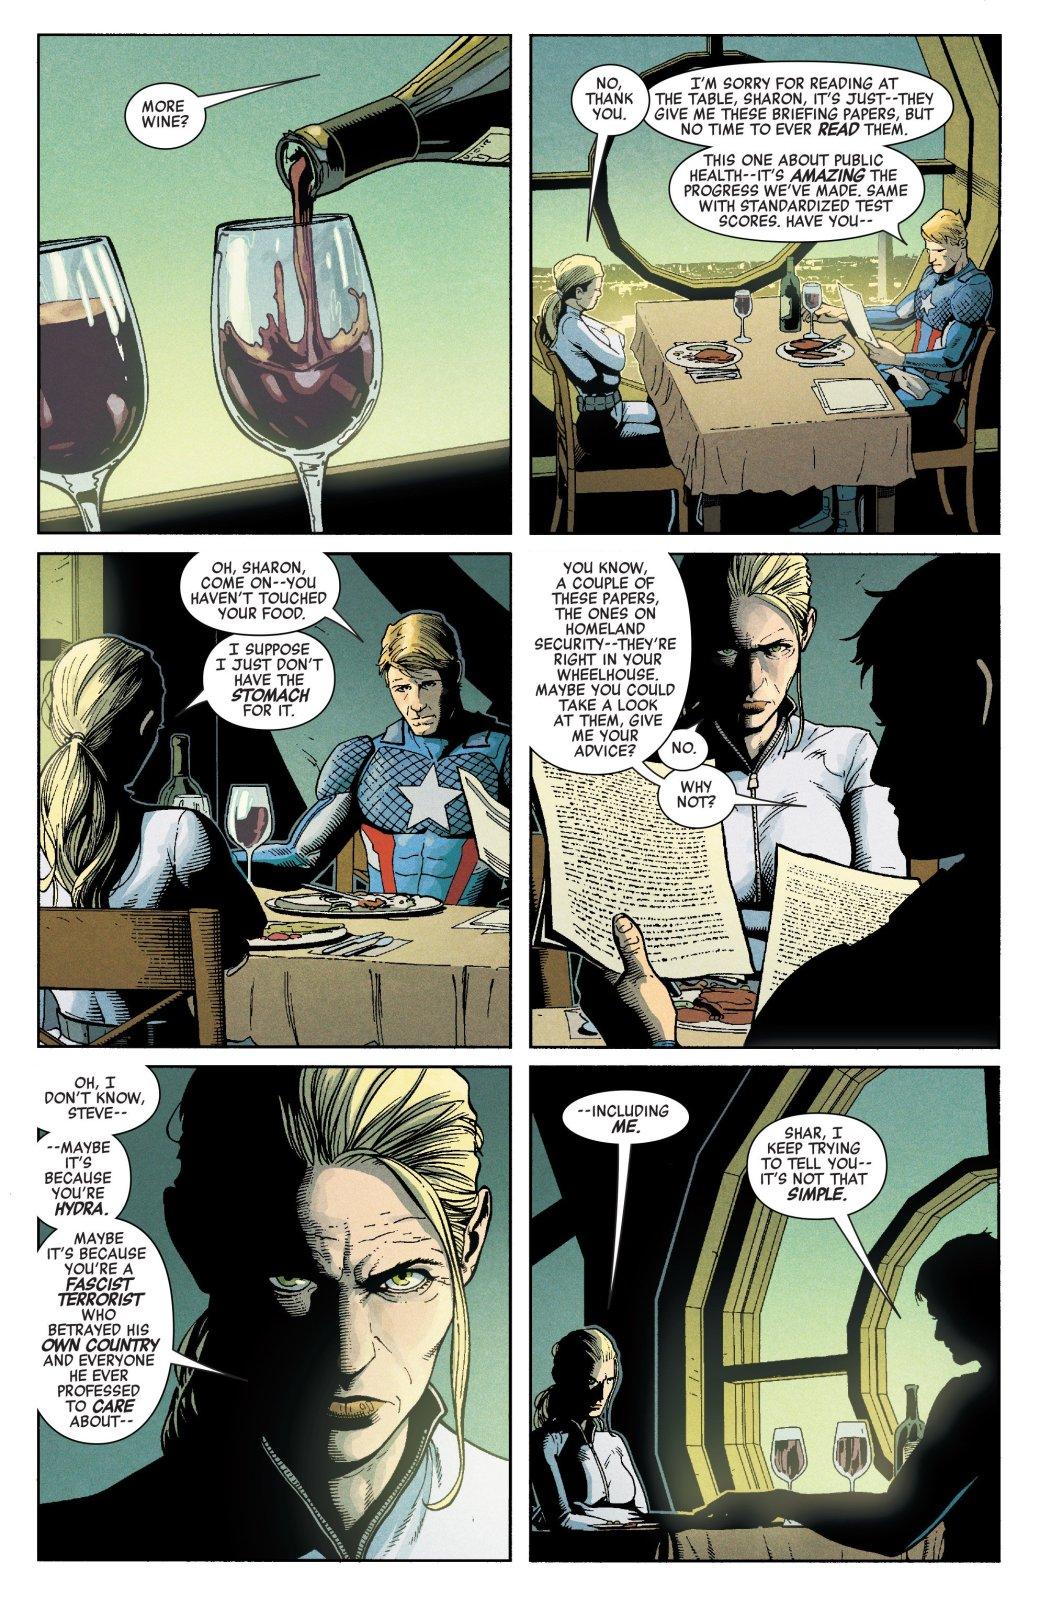 Пропаганда и концлагеря. Во что Гидра и Капитан Америка превратили США. - Изображение 19